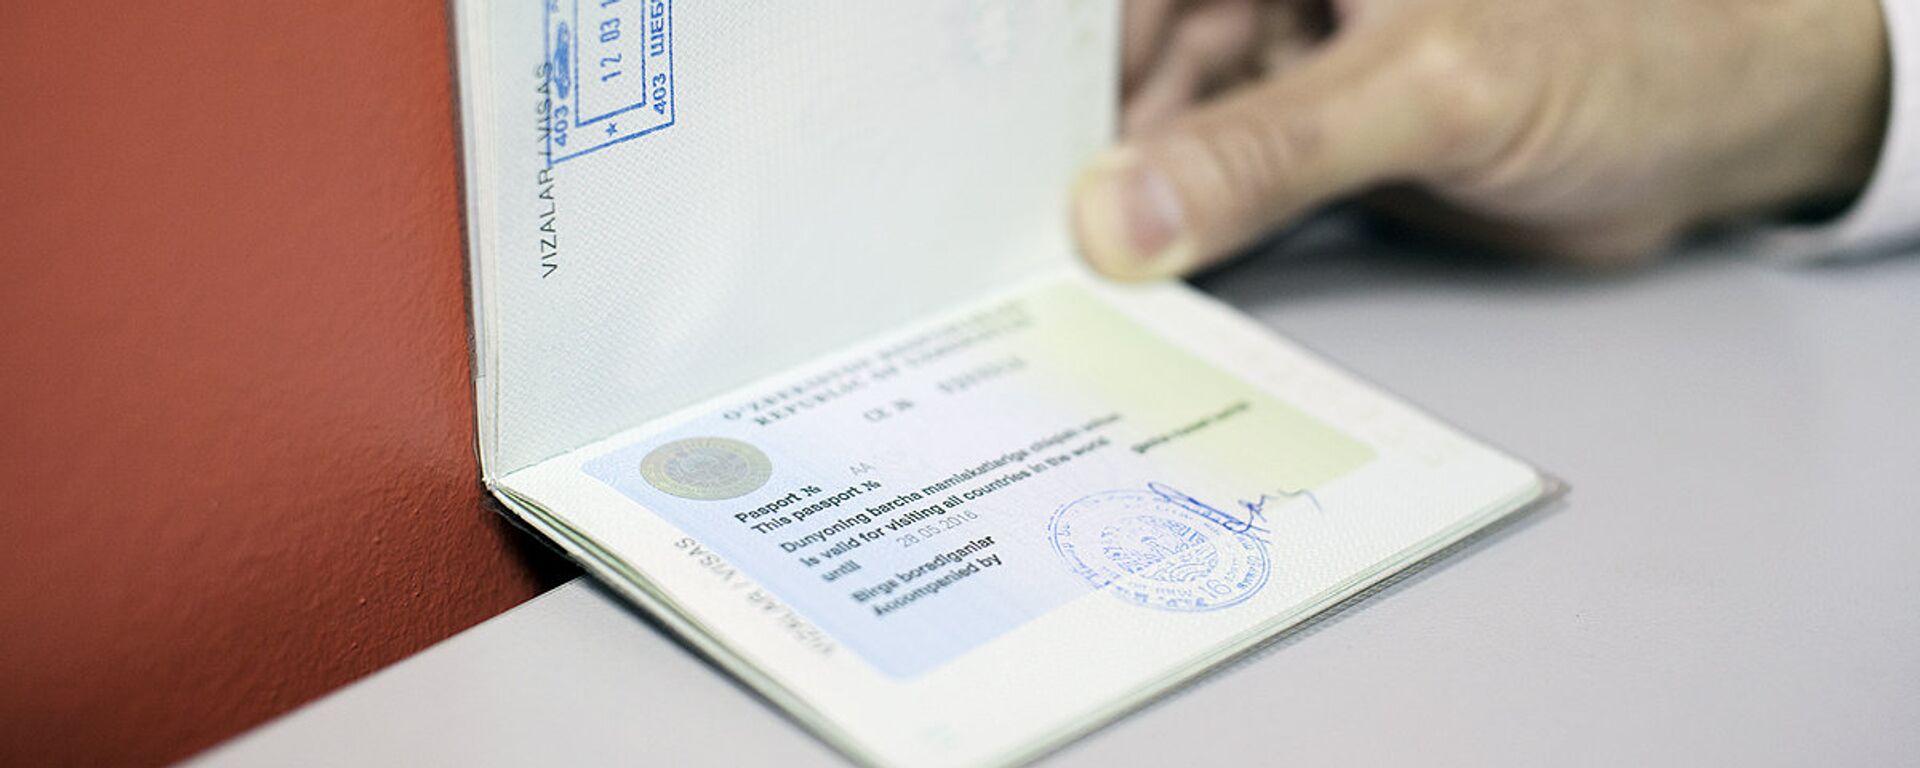 Узбекский паспорт - Sputnik Узбекистан, 1920, 28.09.2021